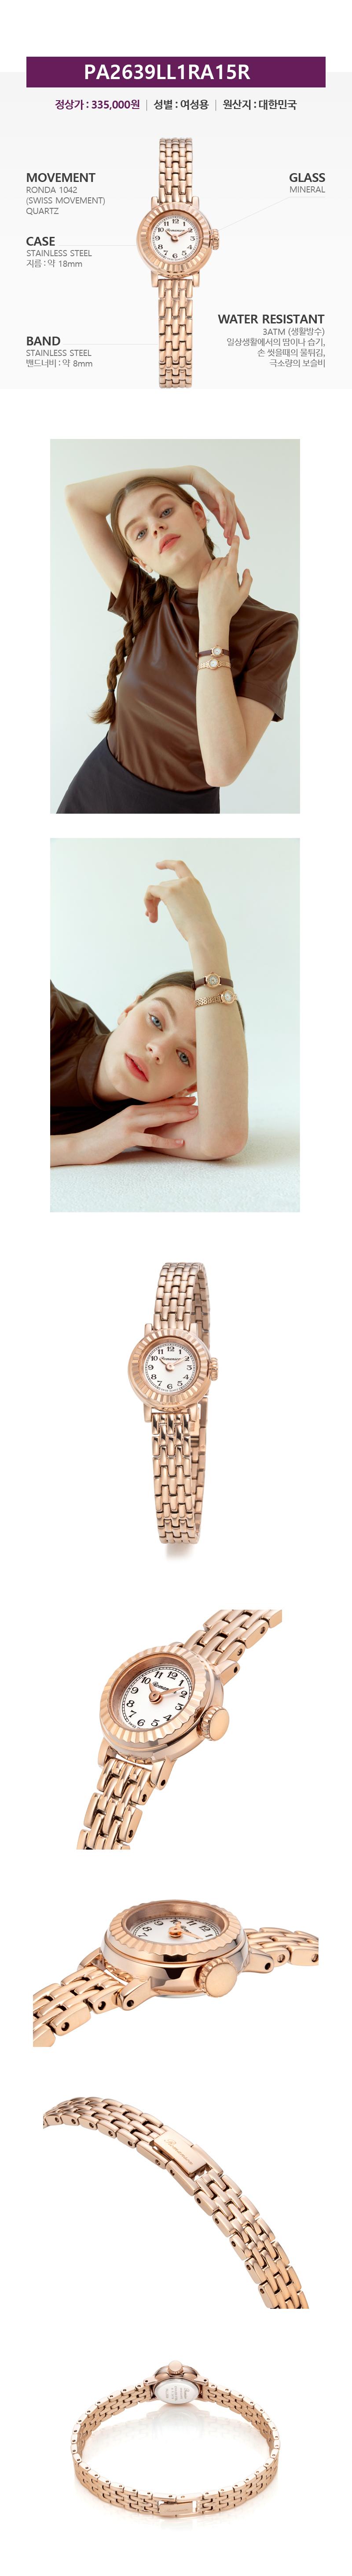 로만손(ROMANSON) 프리미어 여성 메탈 시계 PA2639LL1RA15R